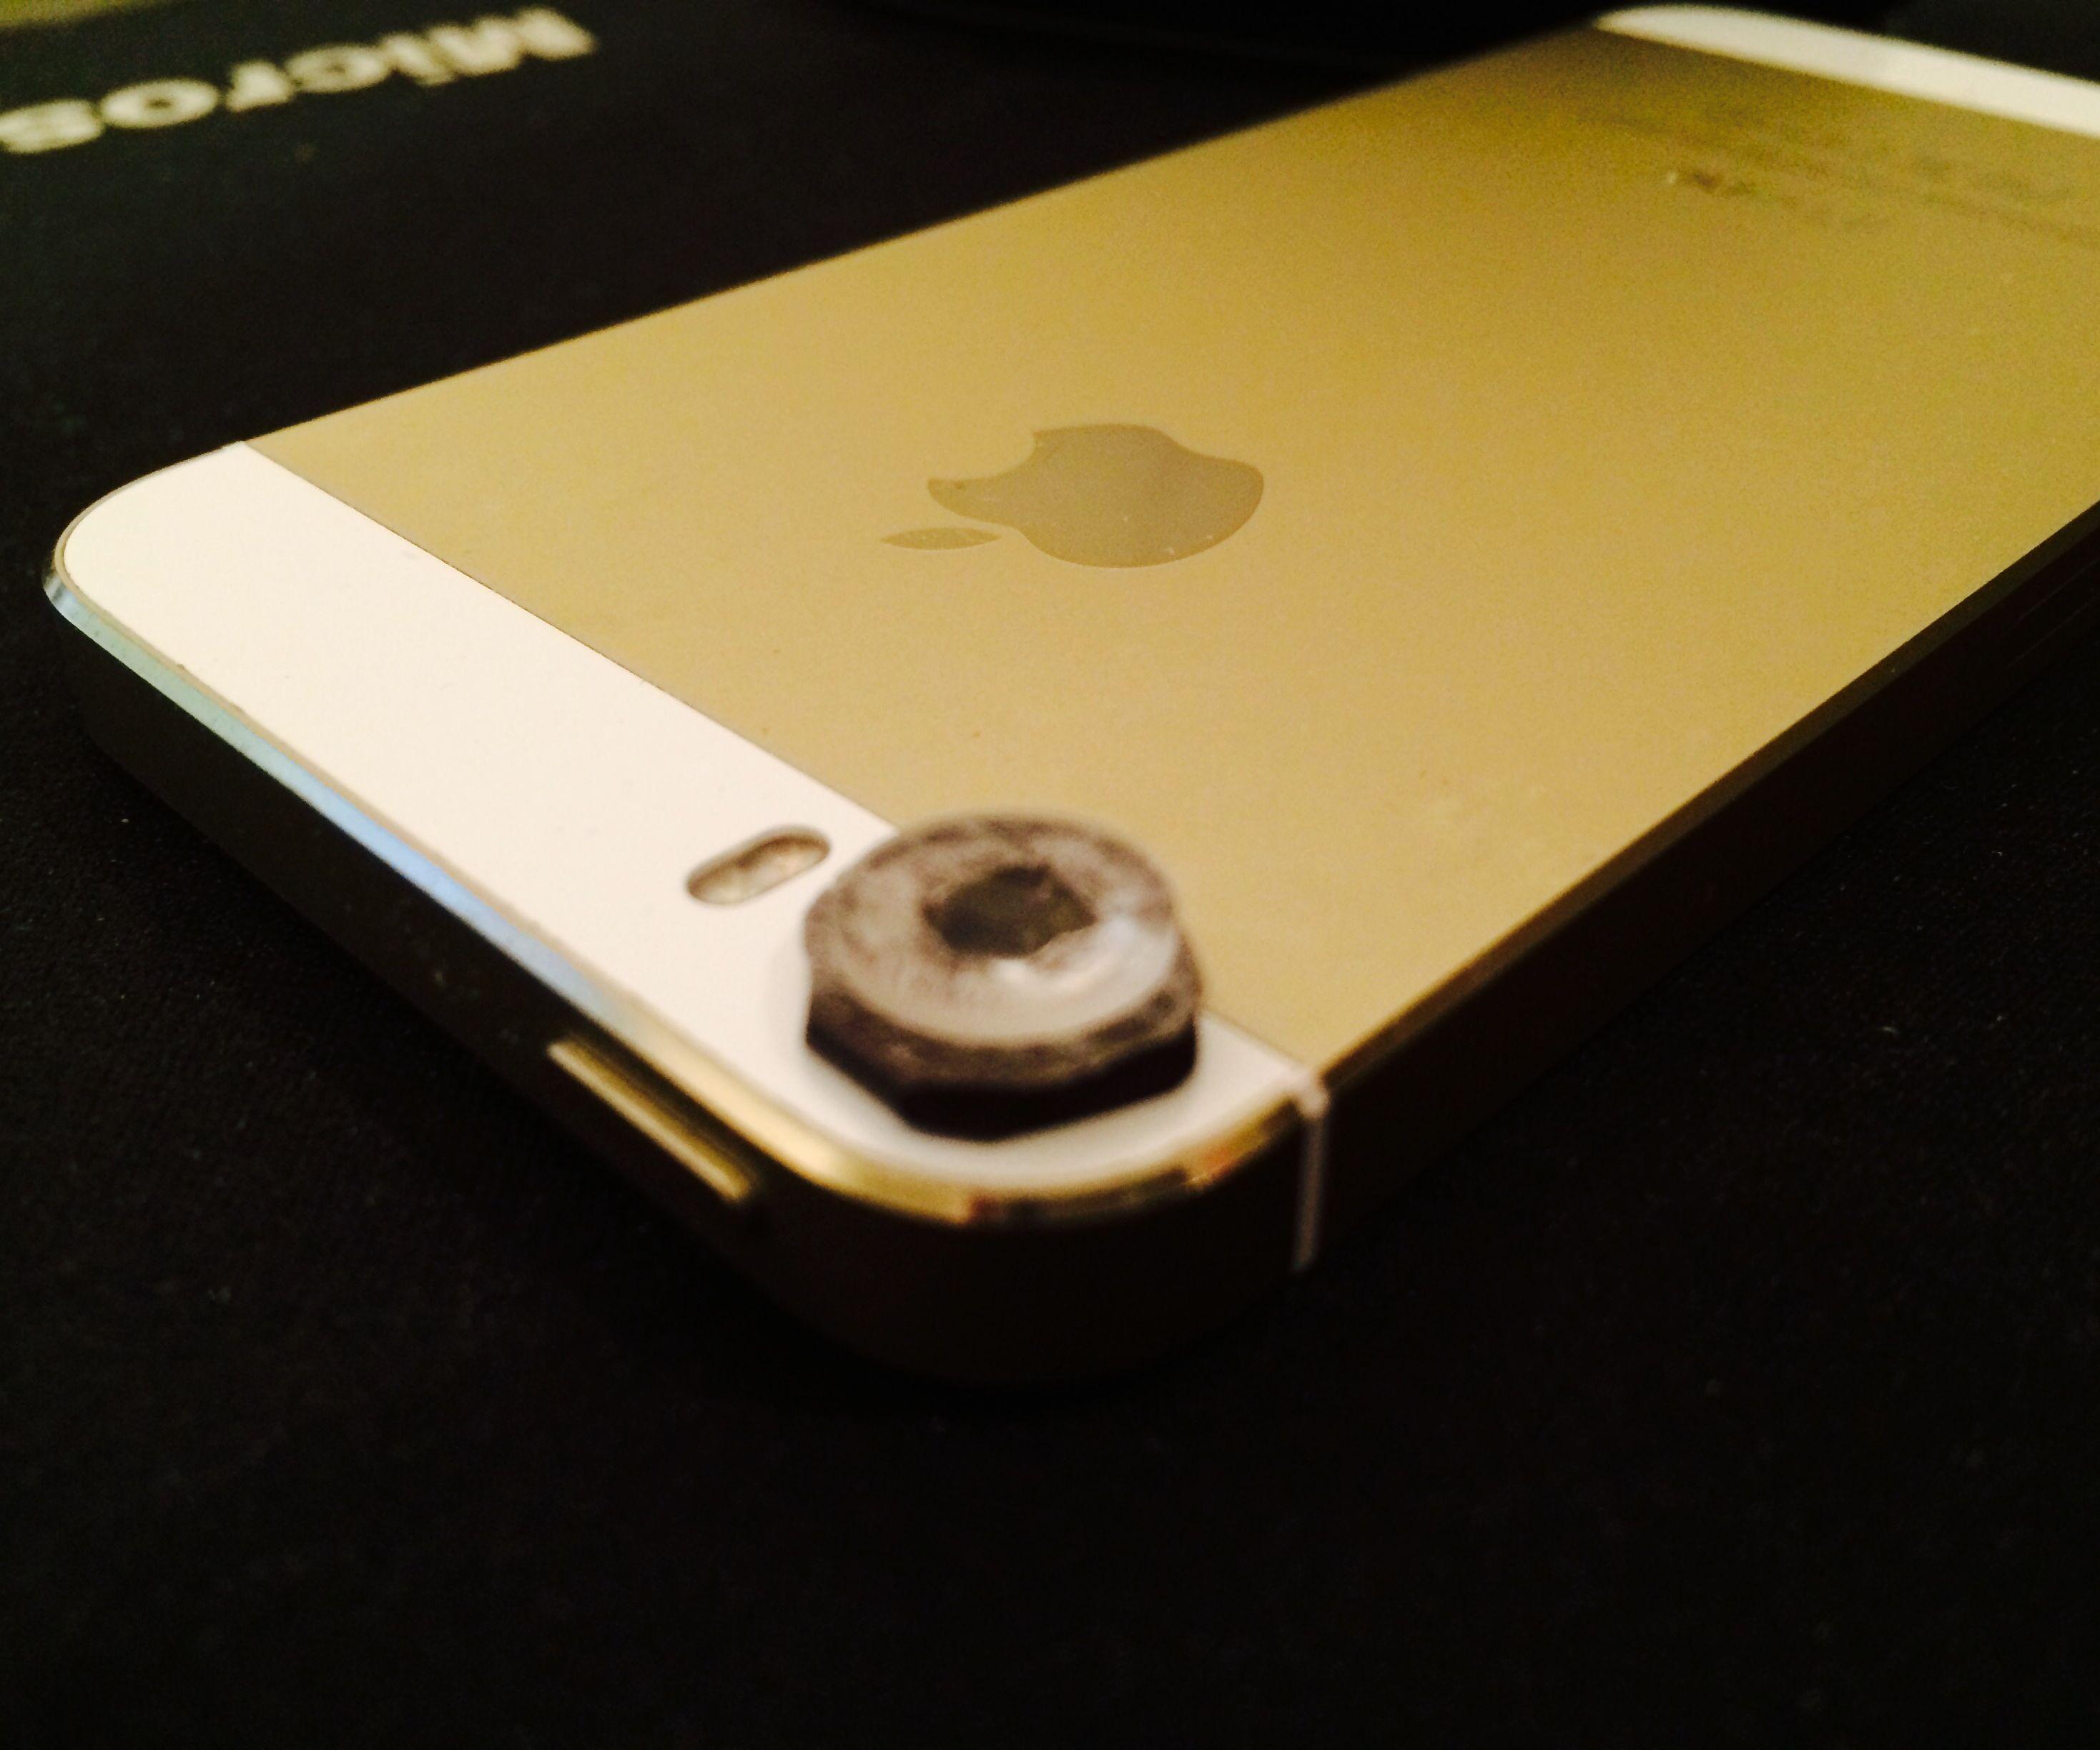 DIY Phone Magnetic Macro Lens